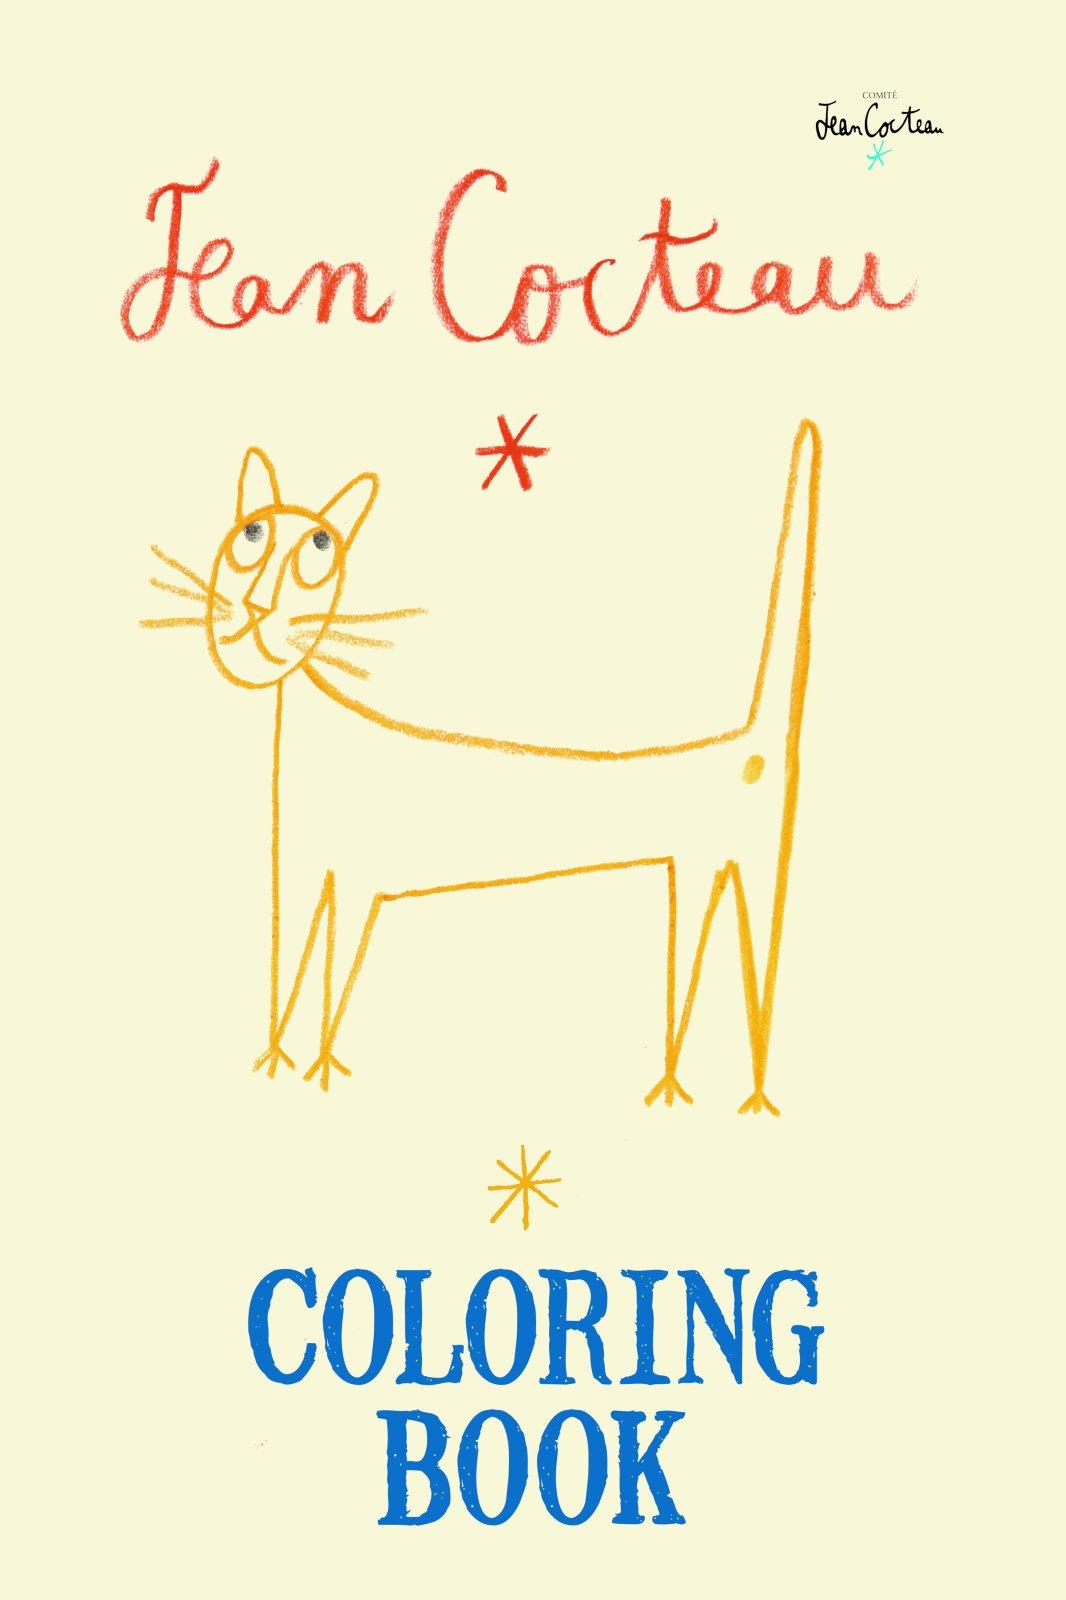 Coloring book yves saint laurent - Jean Cocteau Coloring Book Jean Cocteau Committee 9781551526409 Amazon Com Books